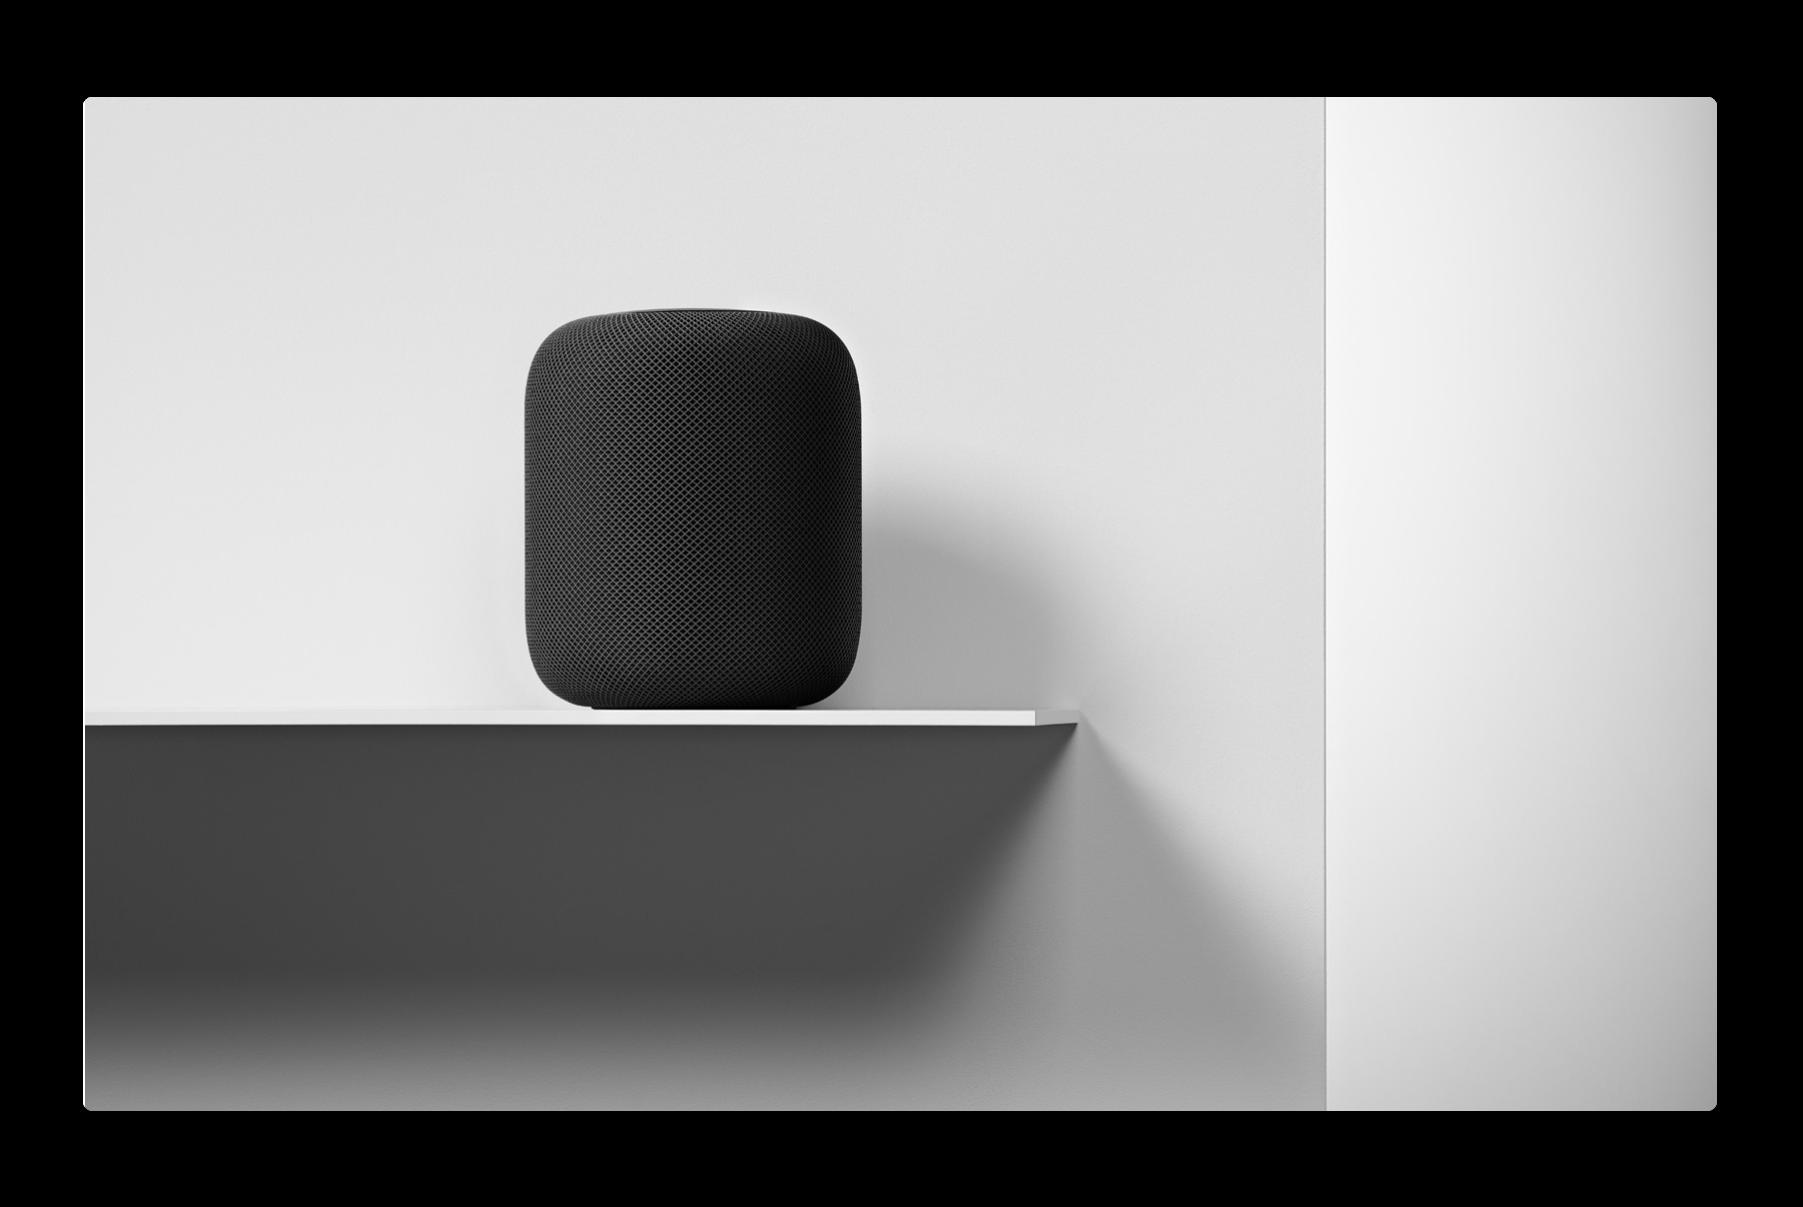 HomePodは、大成功したApple Watchと同様の道をたどるだろう